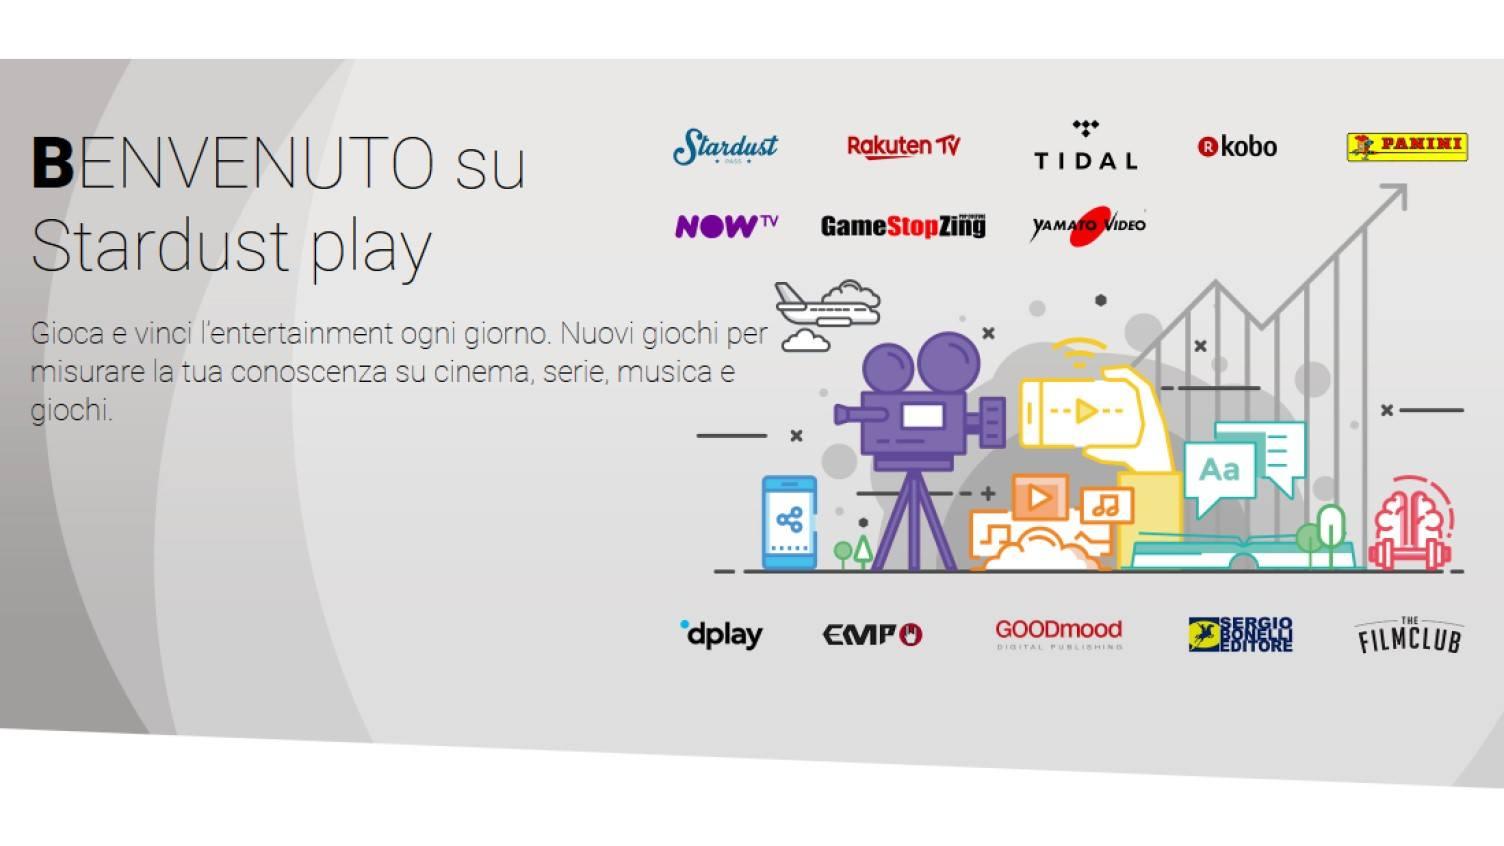 www.scontrinofelice.it stardust play vinci ogni giorno codici sconto abbonamenti streaming ebook buoni cinema e non solo concorso gratuito stardust play